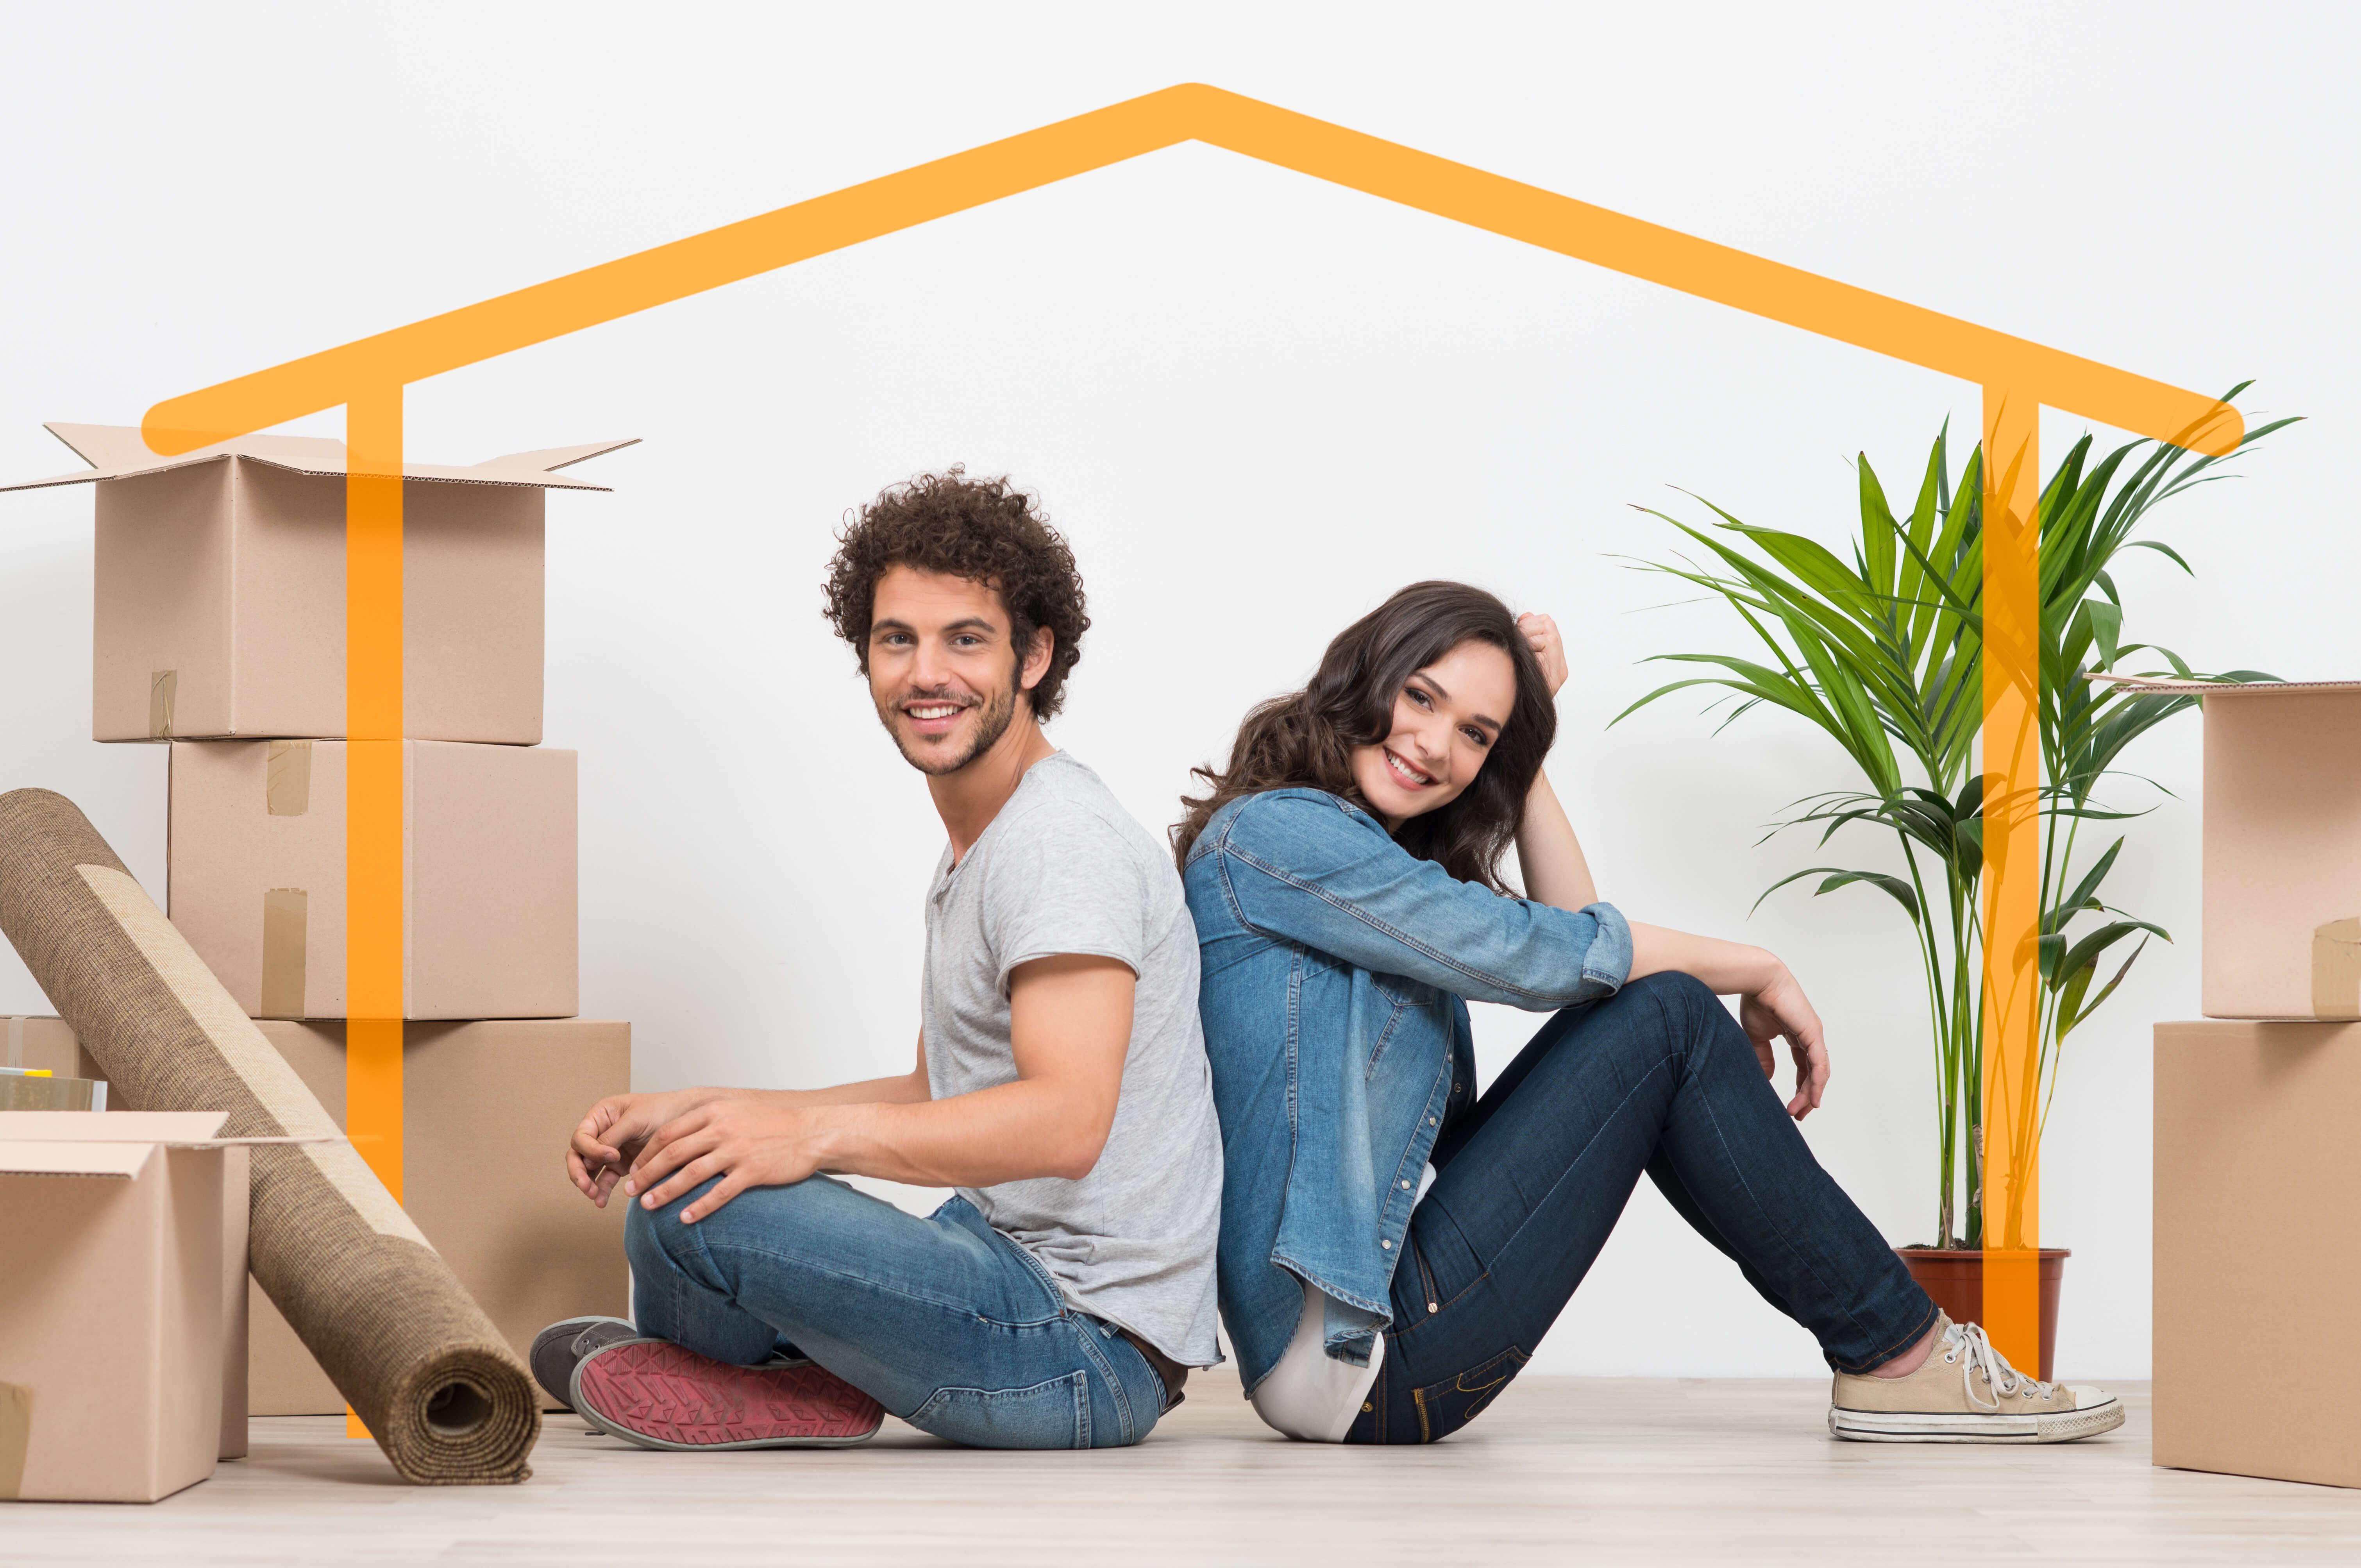 Ипотека без справок о доходах: кто может оформить, какие документы нужны, в какой банк обратиться?